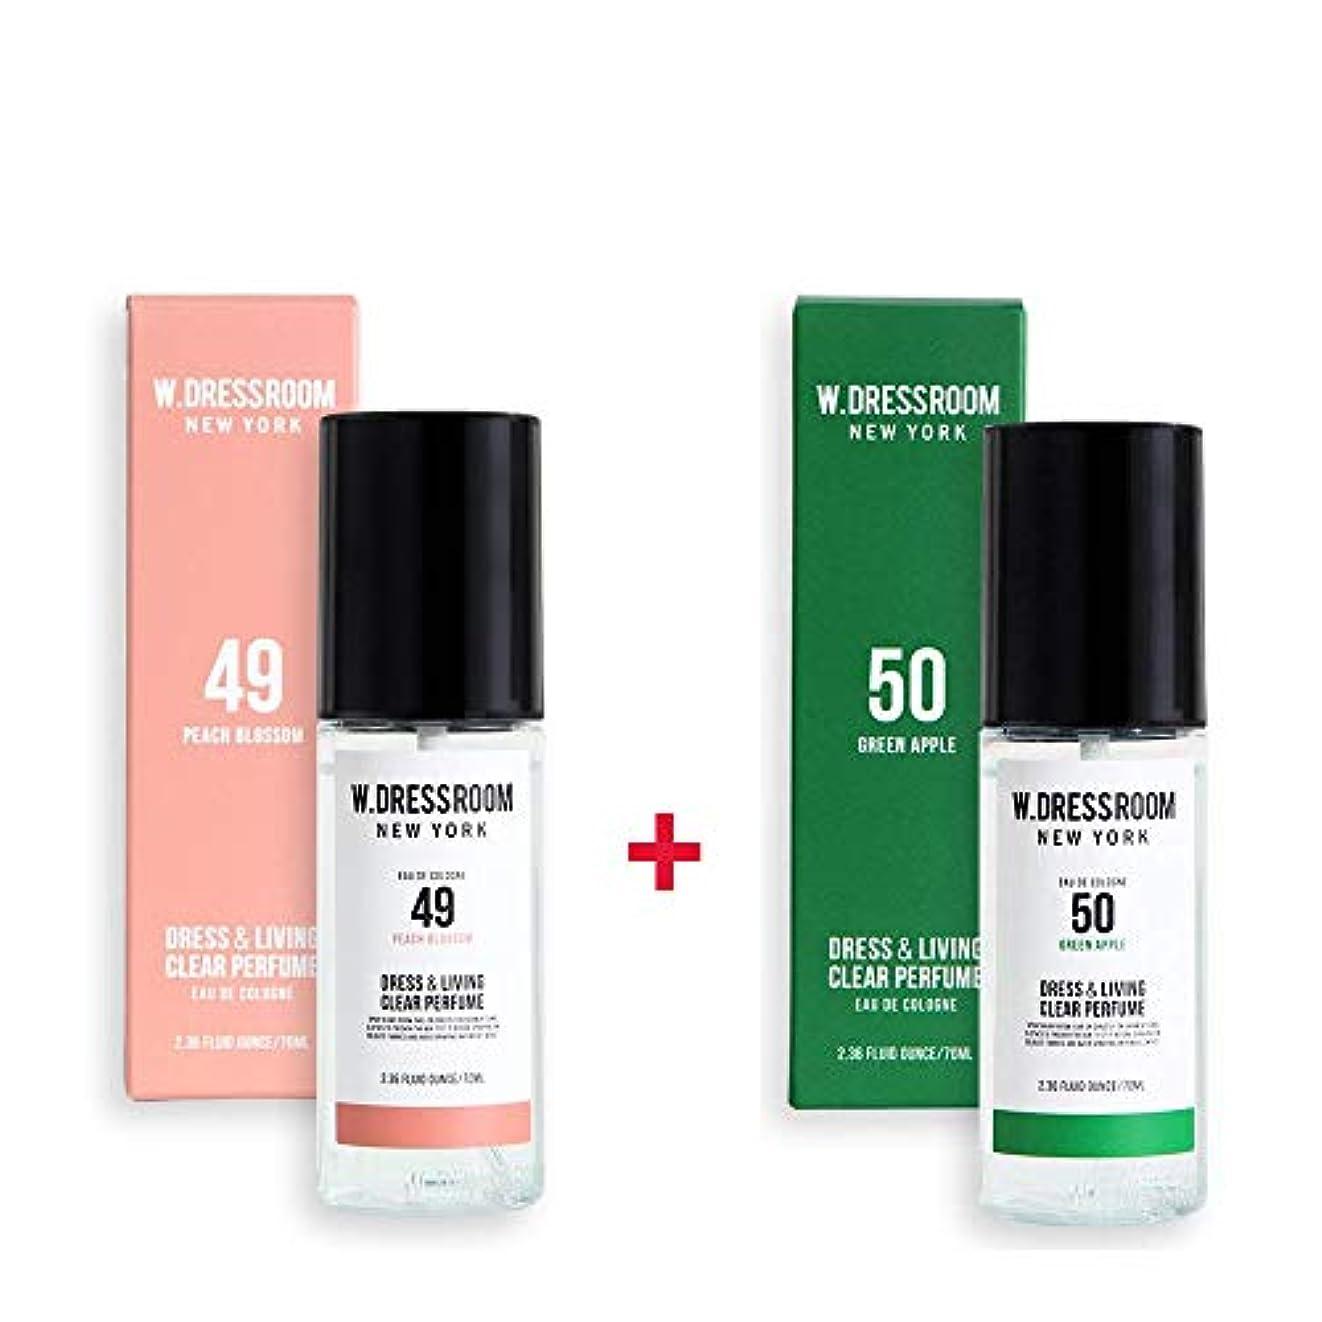 マインドフル二該当するW.DRESSROOM Dress & Living Clear Perfume 70ml (No 49 Peach Blossom)+(No 50 Green Apple)